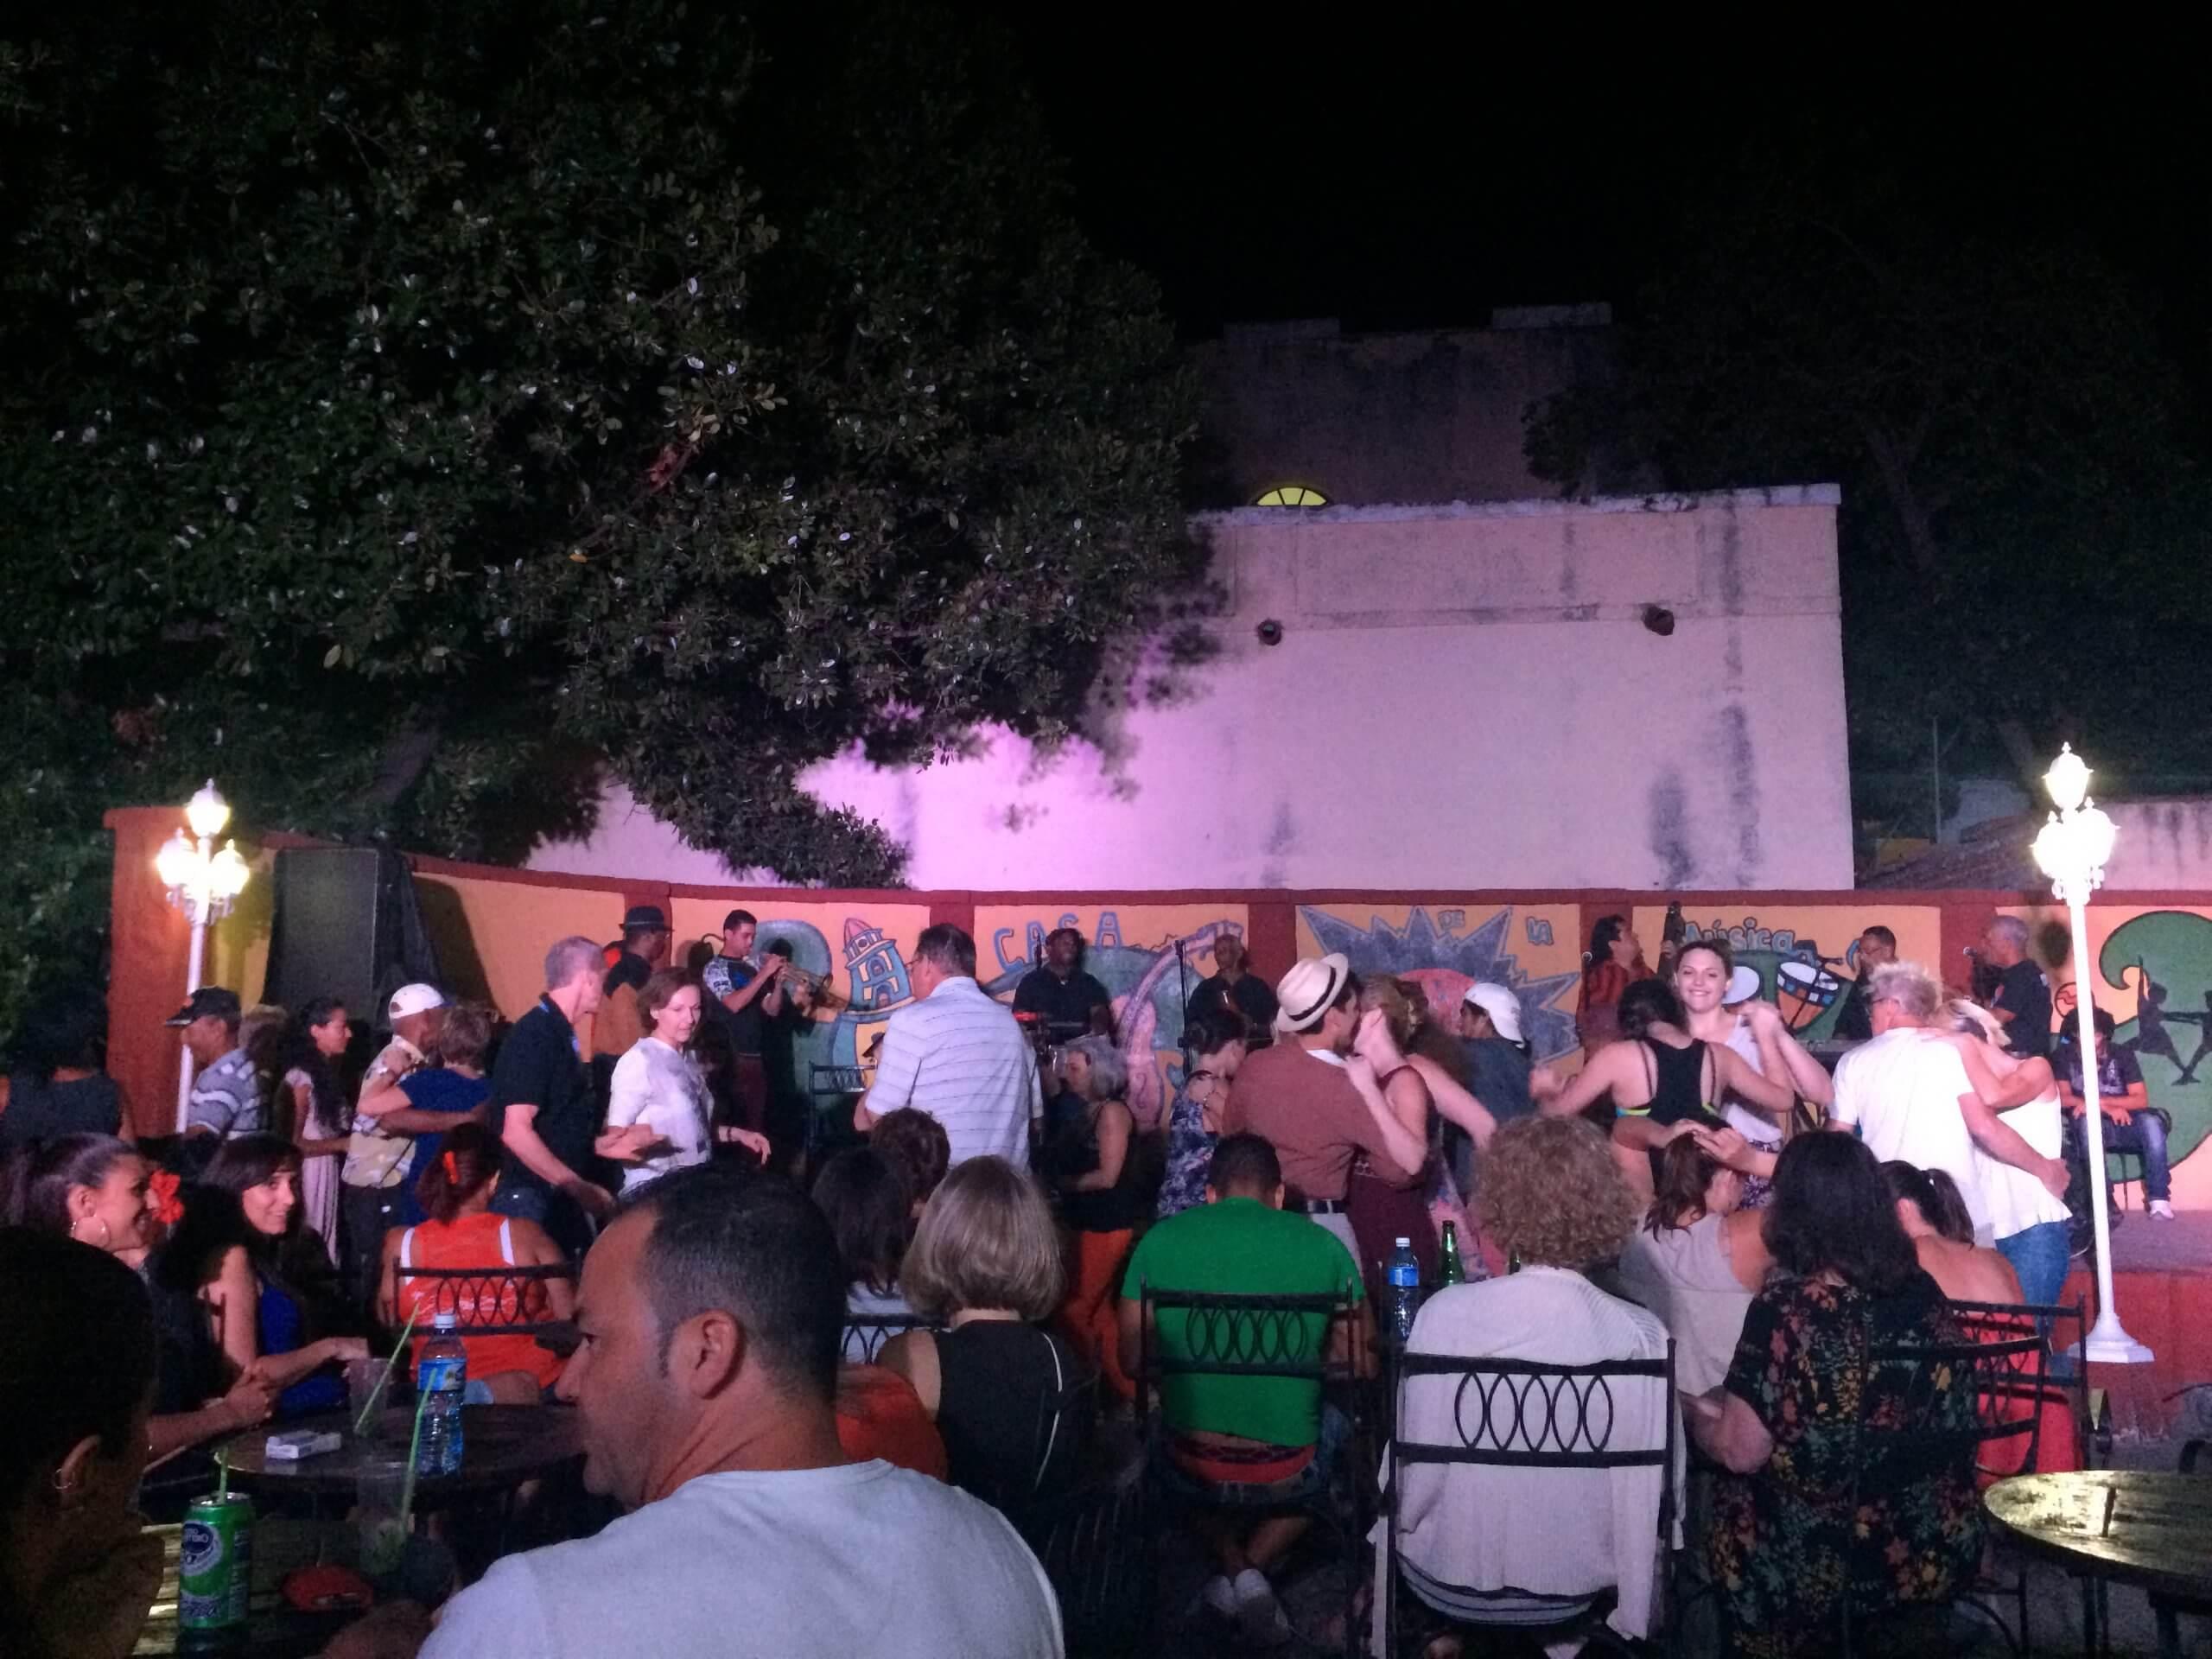 Cubansk musikk